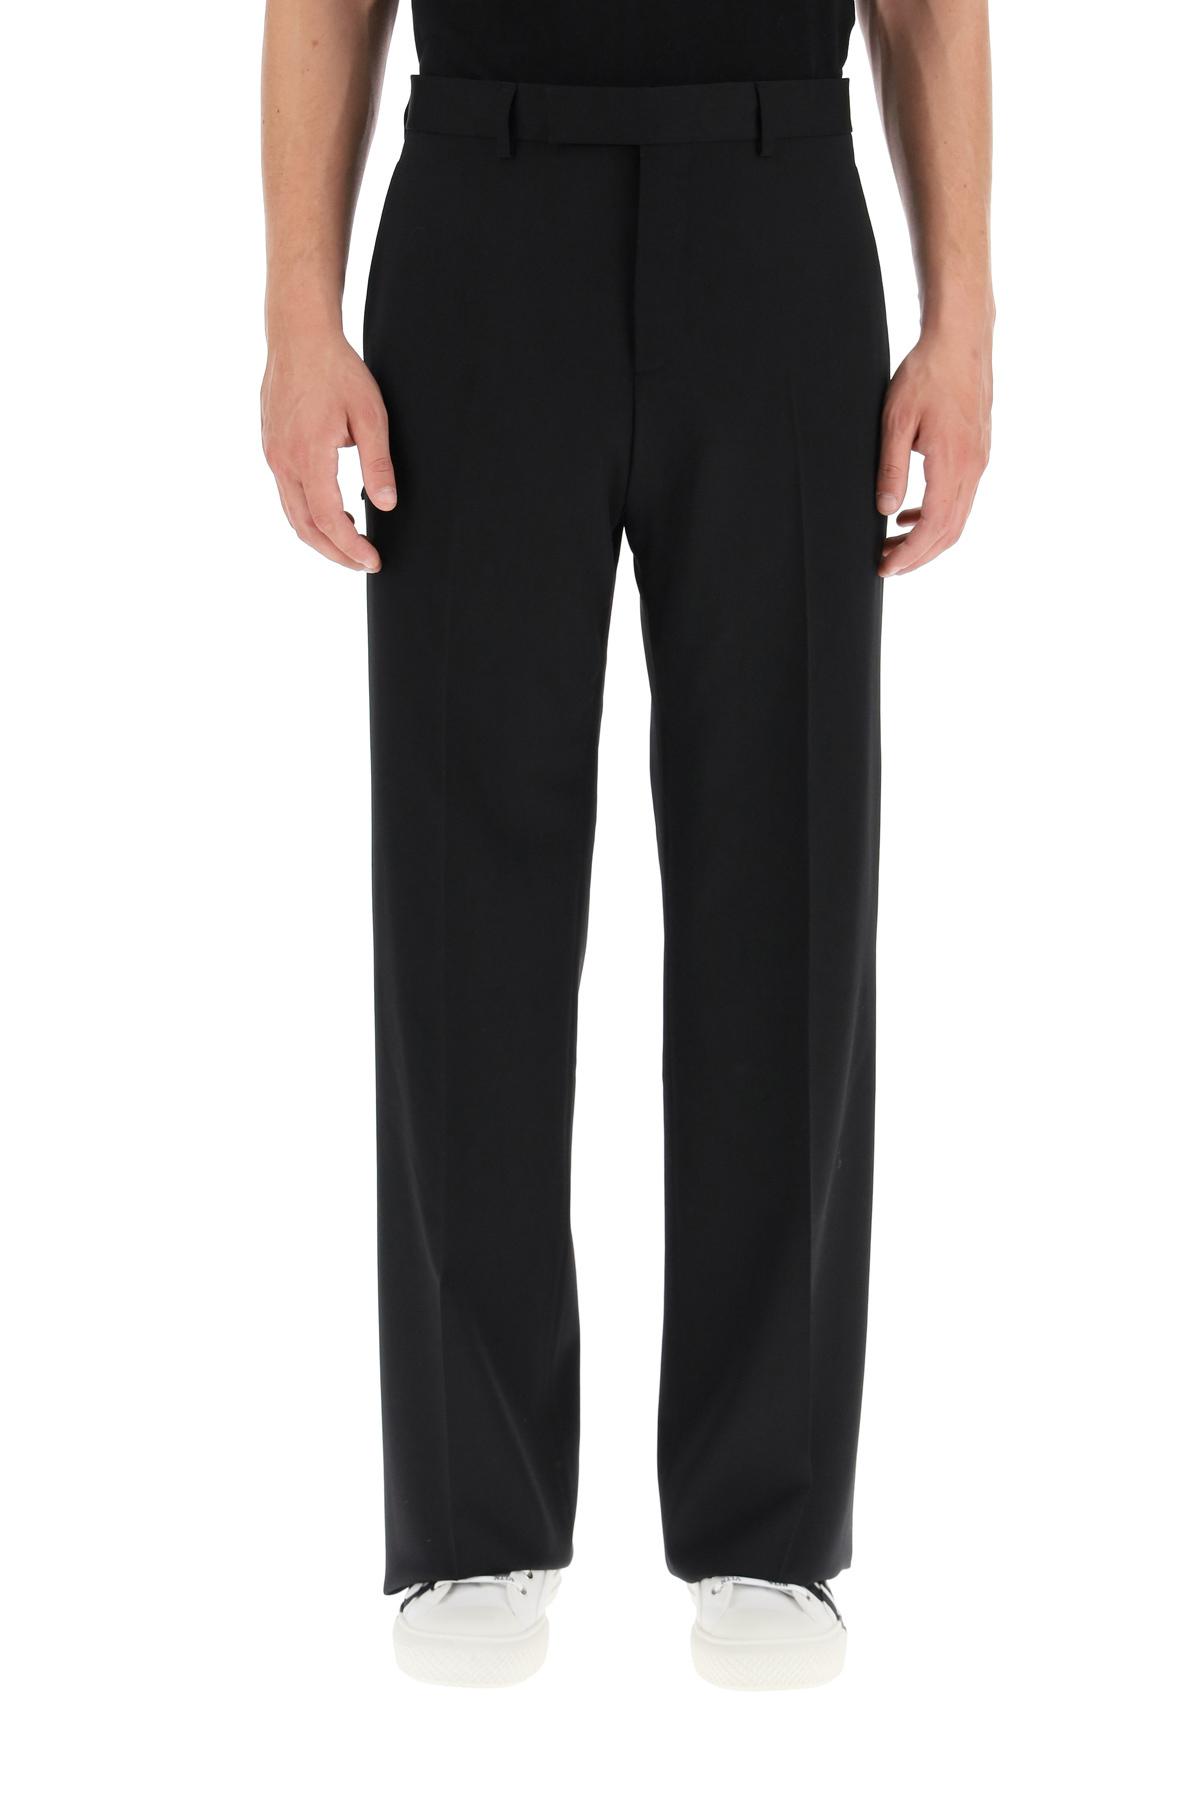 Dior pantaloni cropped in twill di lana